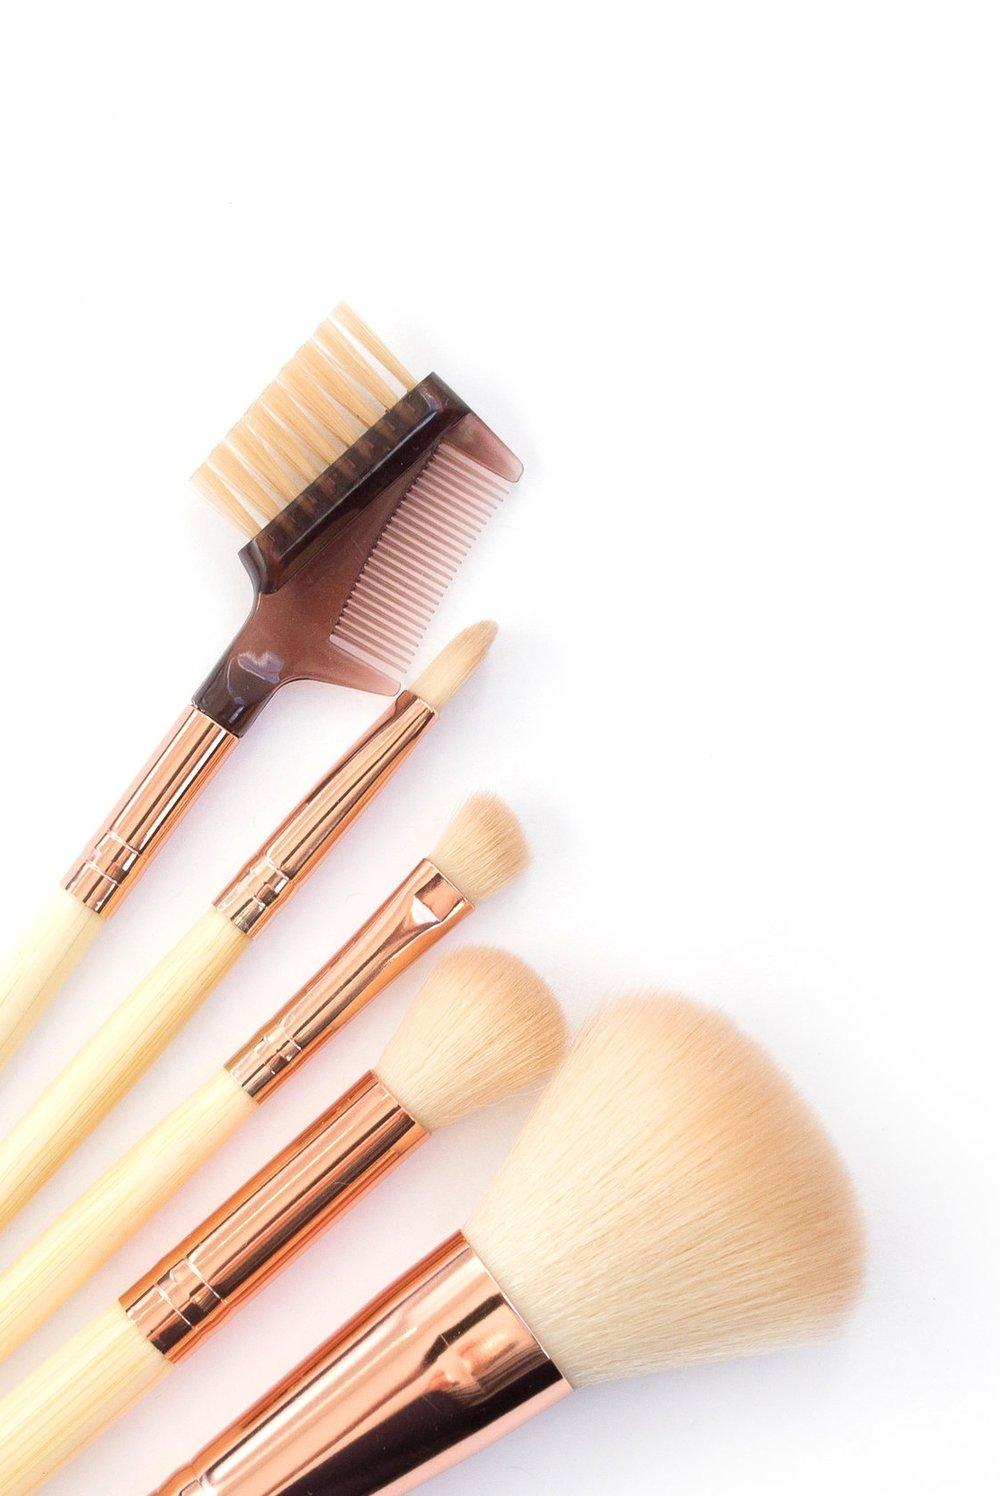 haute-stock-photography-beauty-makeup-final-10.jpg